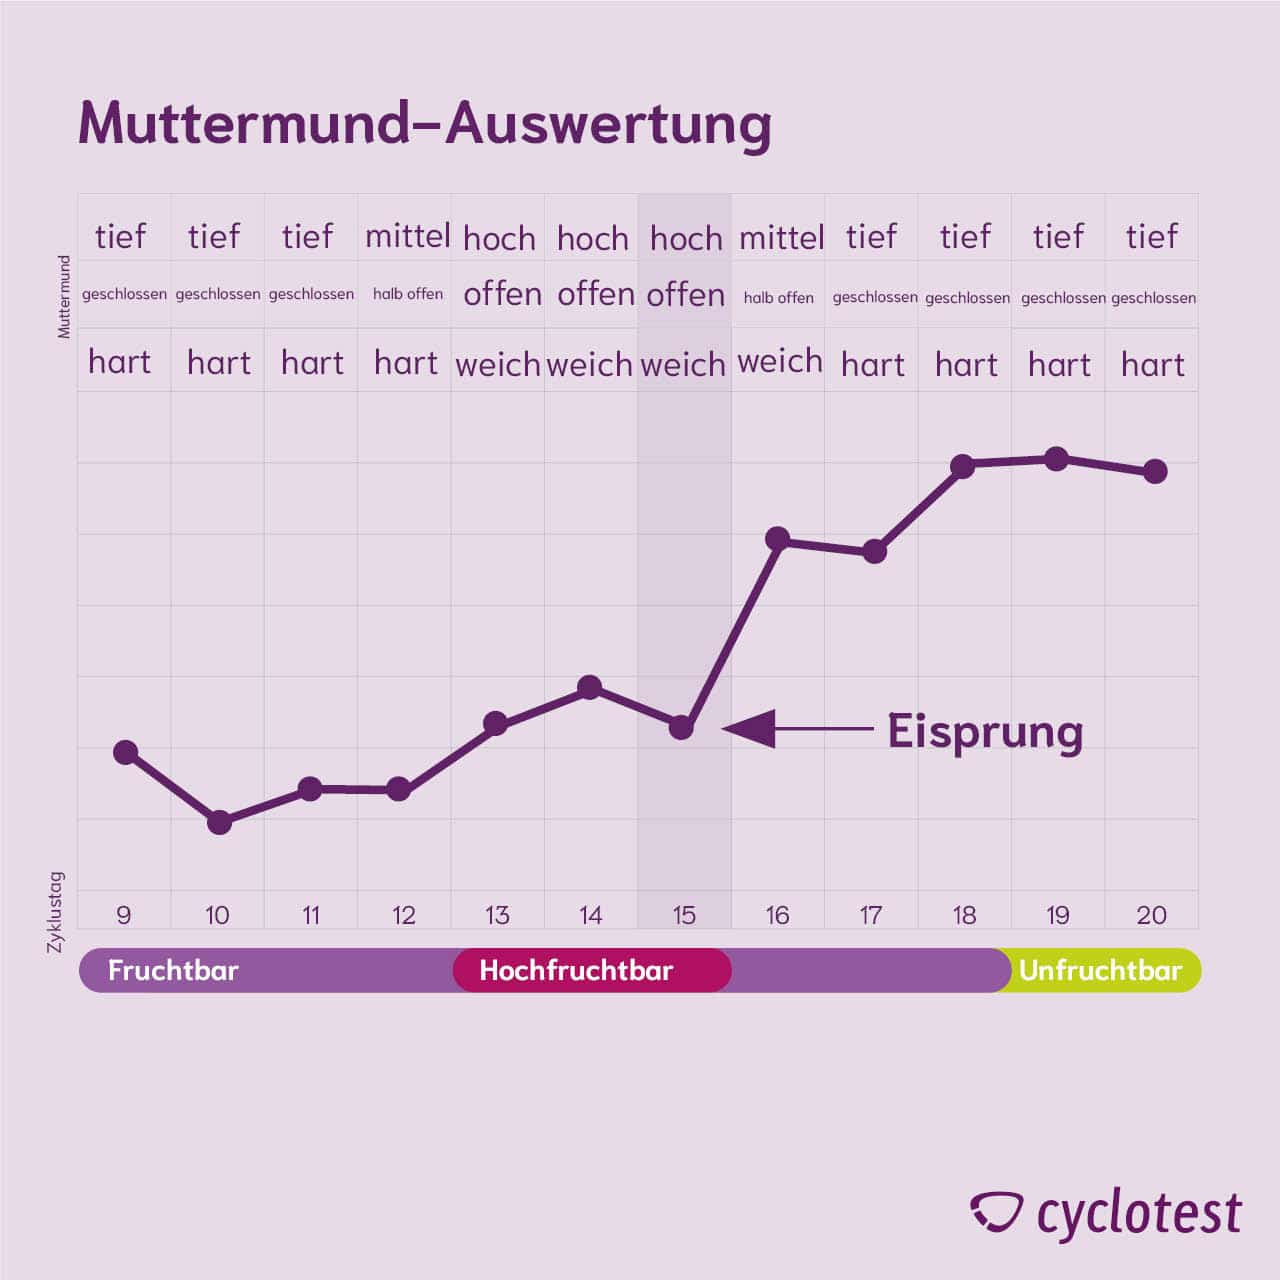 Fingern muttermund Kurz erklärt: